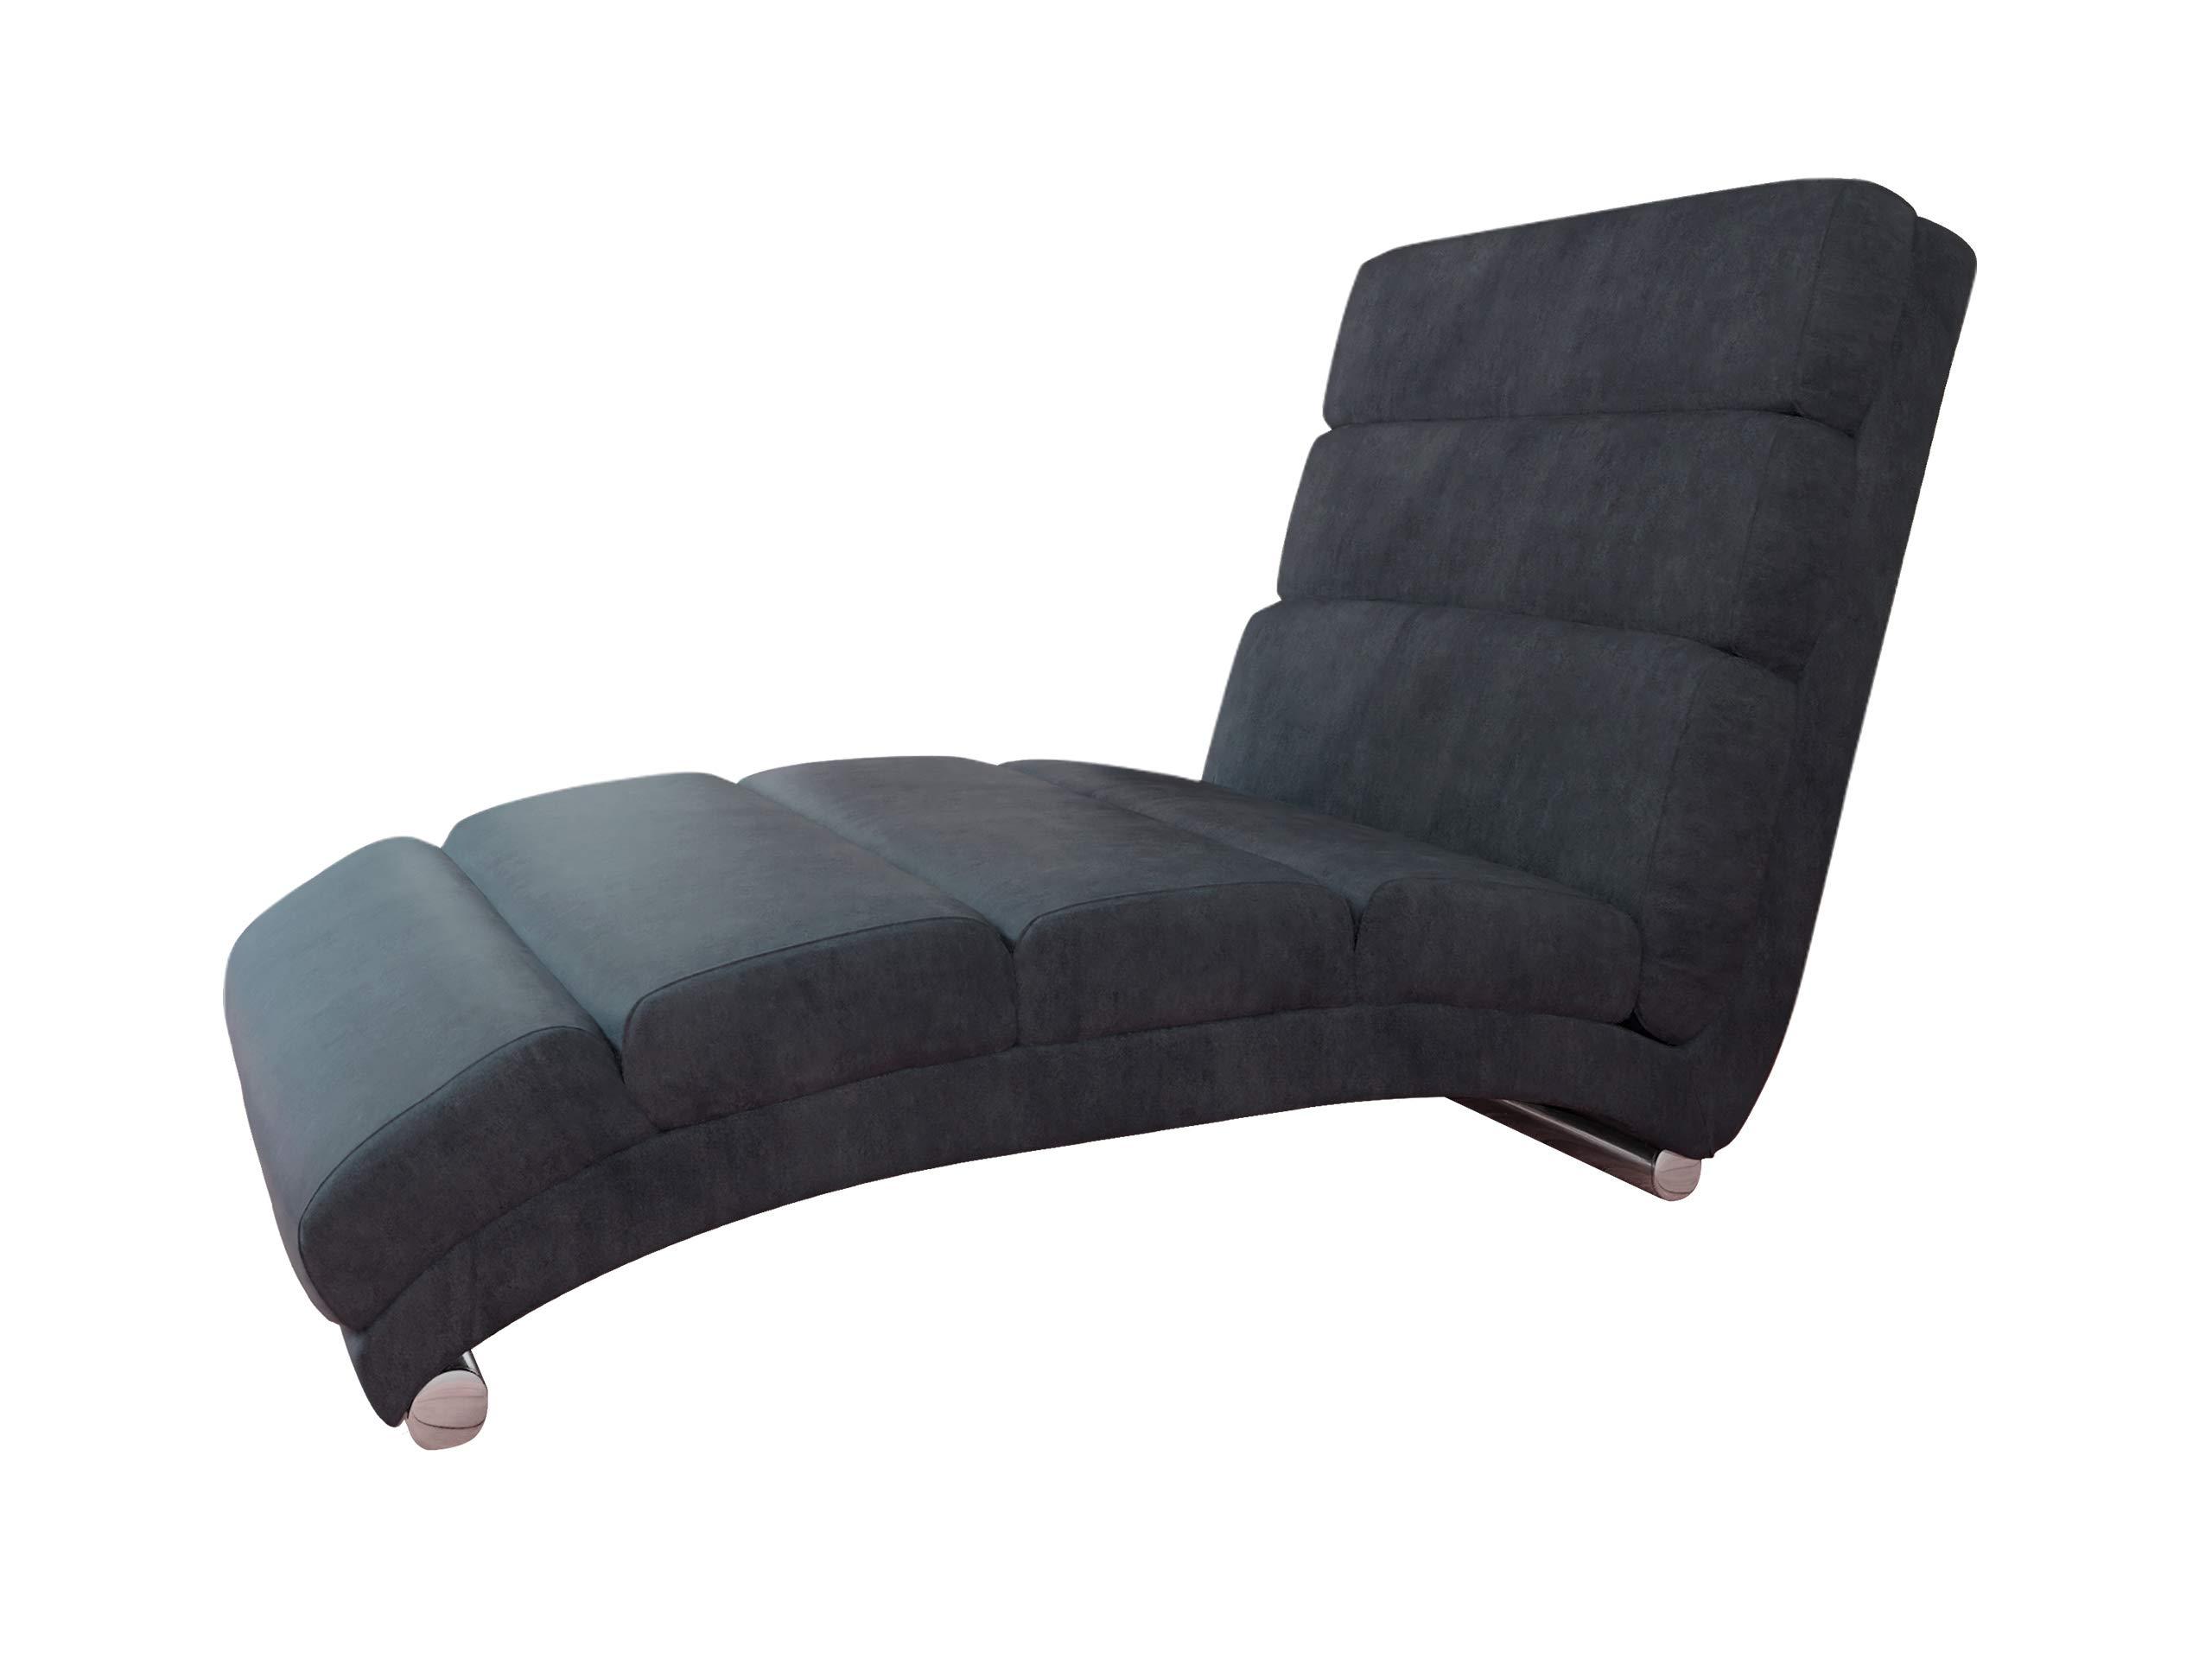 Full Size of Relax Liegestuhl Wohnzimmer Ikea Designer Mecor Relaxliege Leder Relaxsessel 158 50 Landhausstil Kommode Rollo Großes Bild Led Deckenleuchte Deckenlampen Für Wohnzimmer Wohnzimmer Liegestuhl